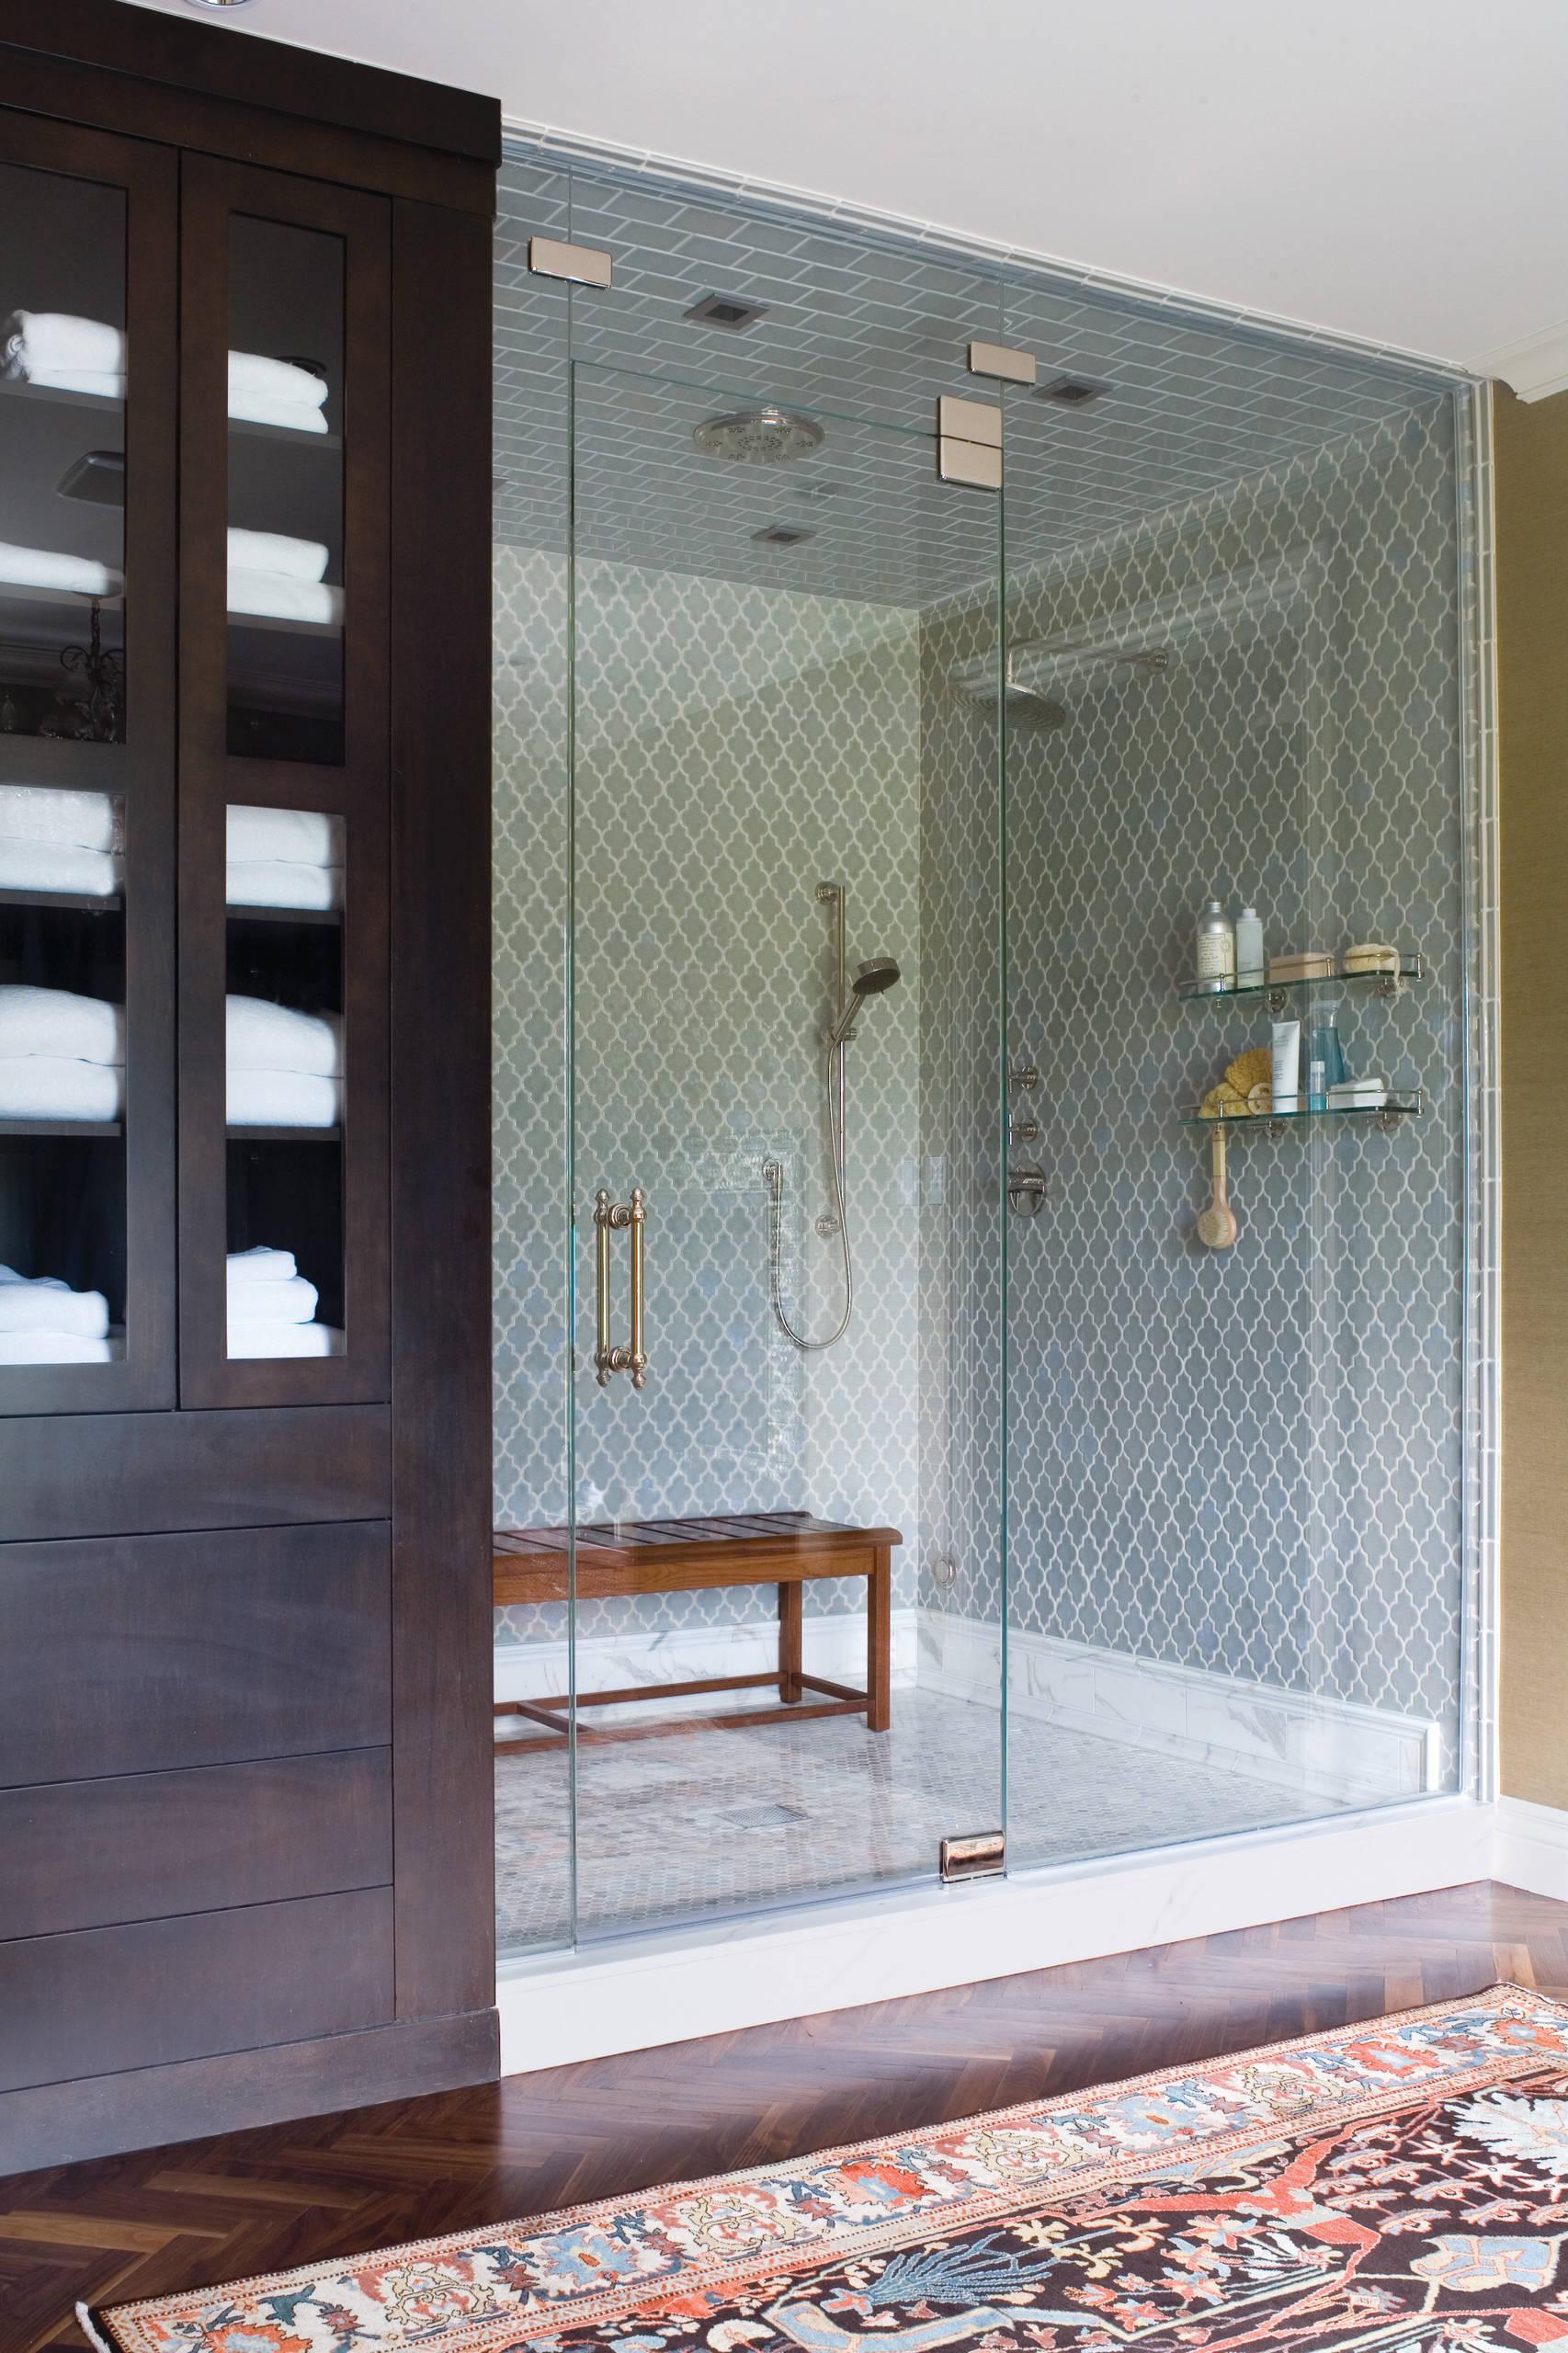 groutless shower tile